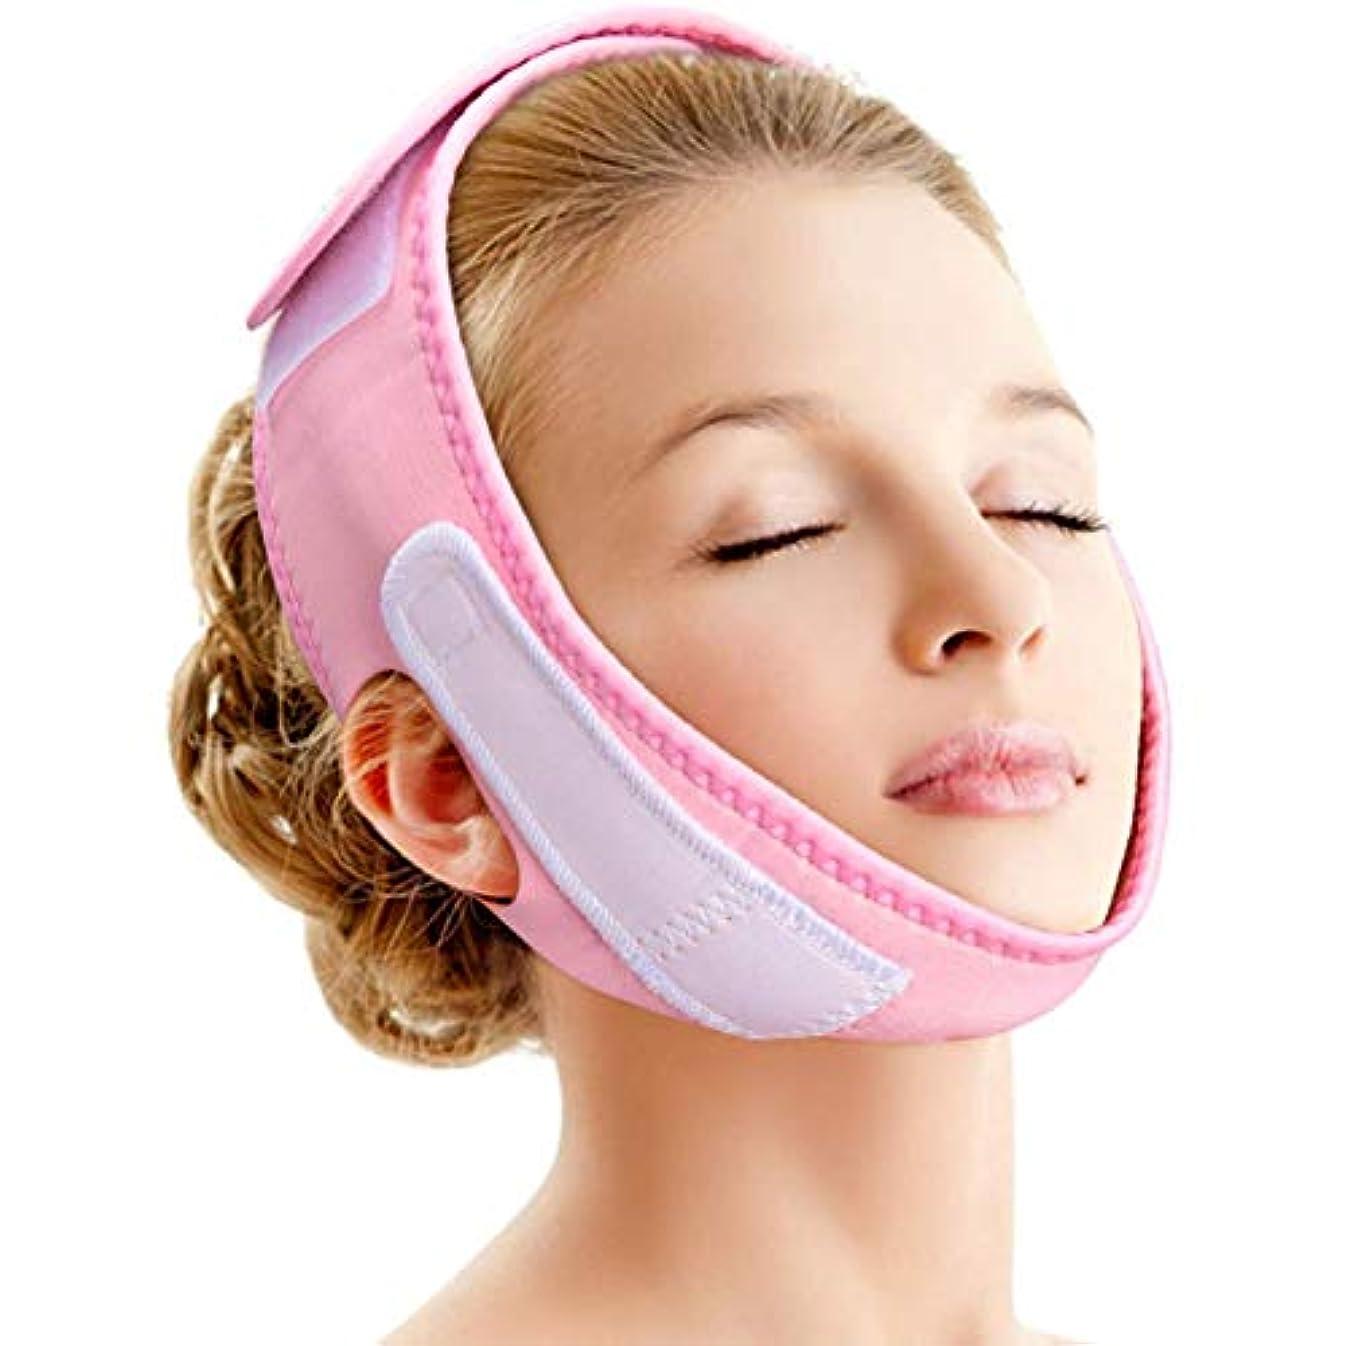 同等の高い全員フェイシャルリフティングスリミングベルト - ダブルラインケア、顔の減量、しわ防止のためのVラインチンチークバンド-フェイスリフティング包帯